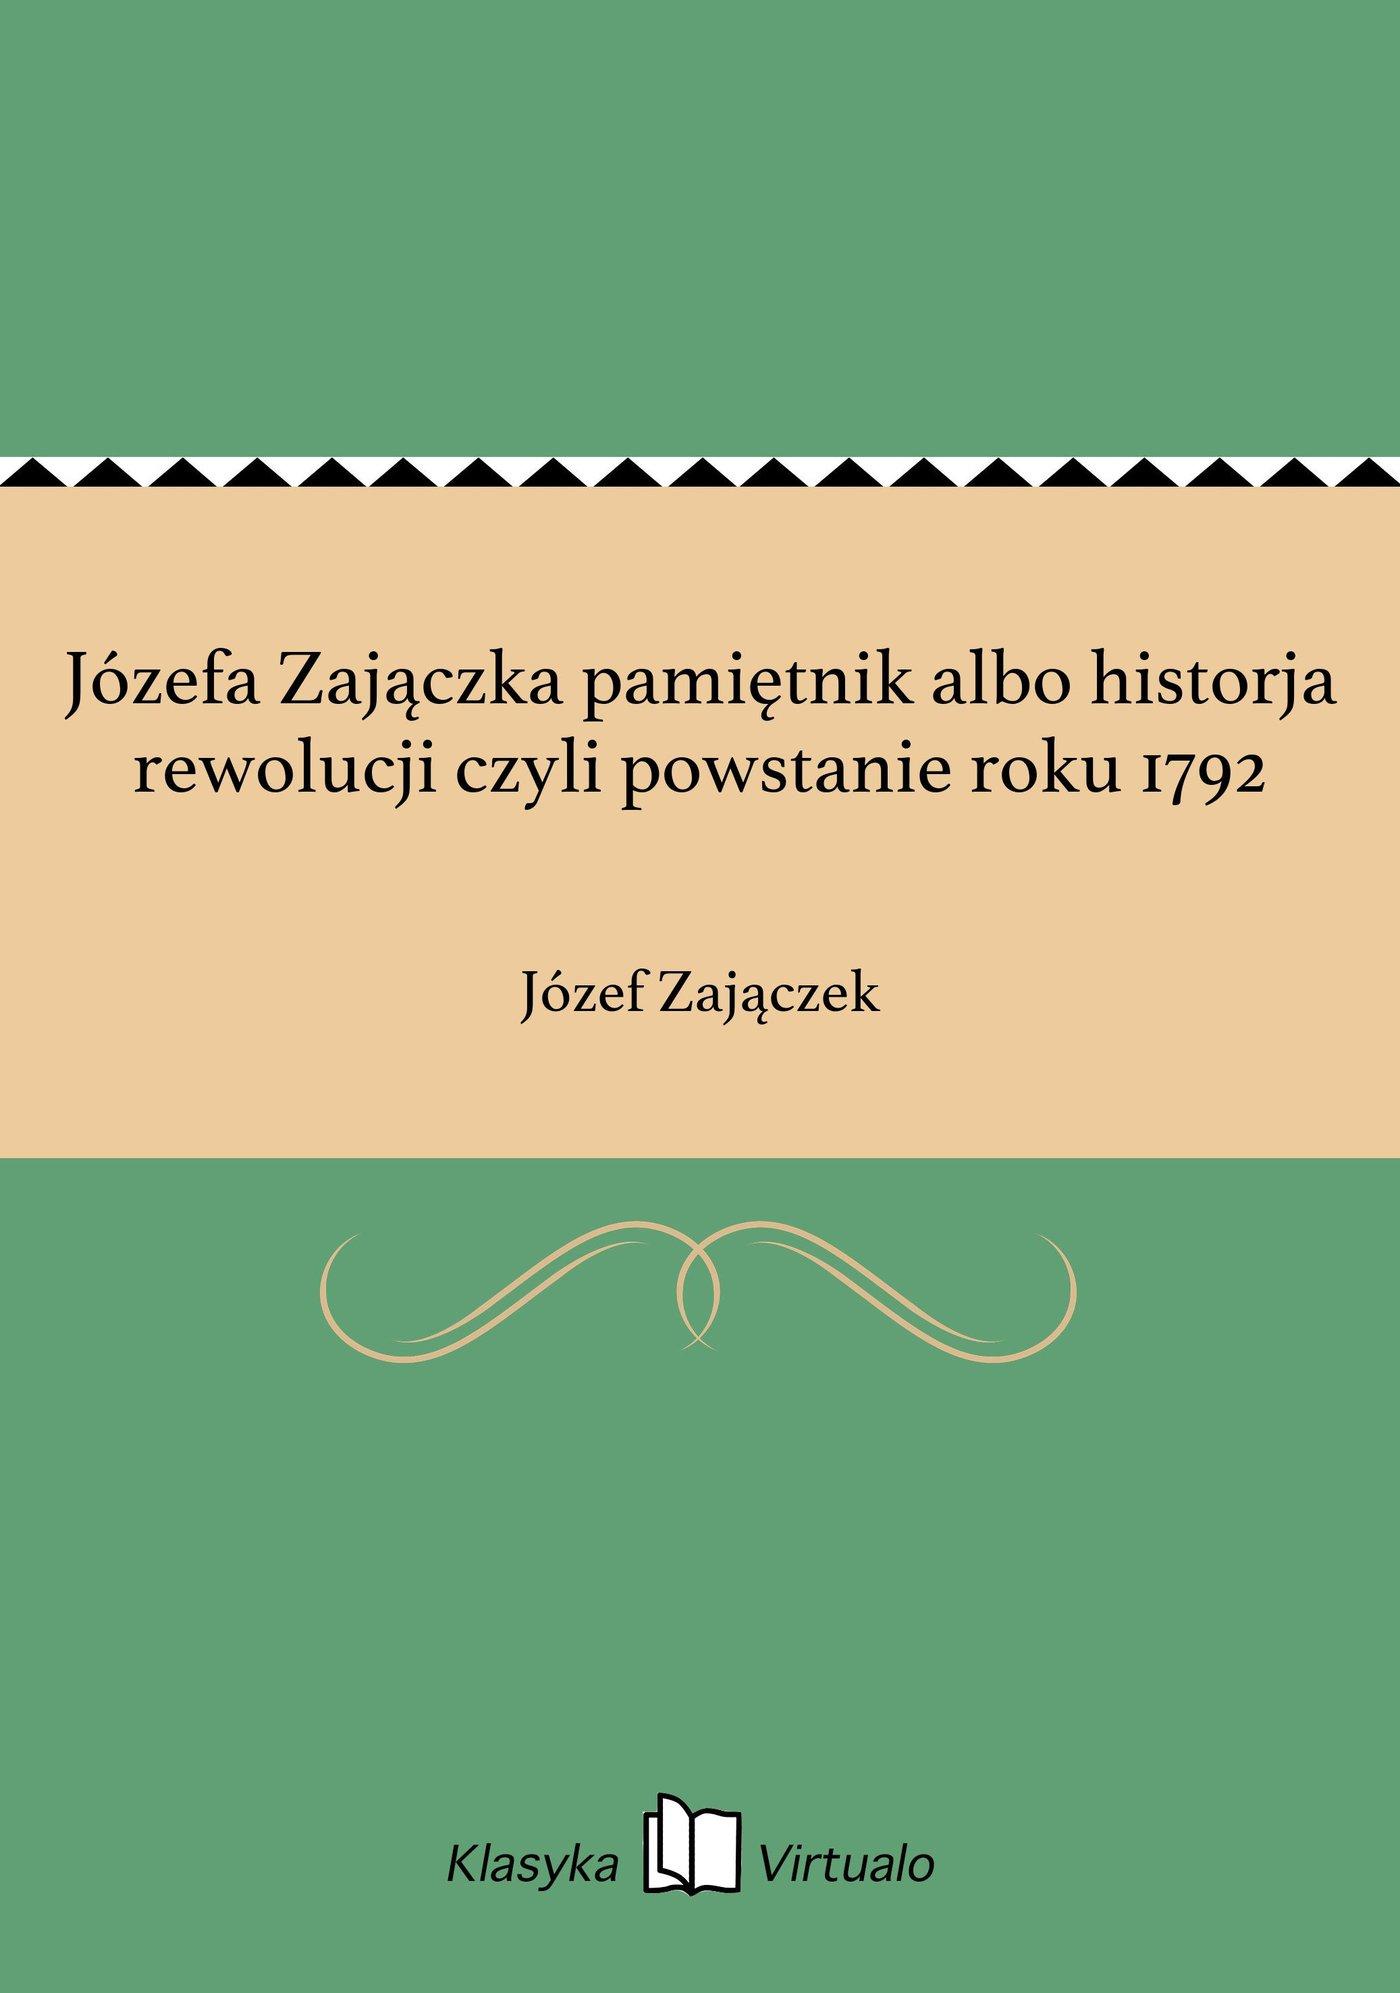 Józefa Zajączka pamiętnik albo historja rewolucji czyli powstanie roku 1792 - Ebook (Książka EPUB) do pobrania w formacie EPUB